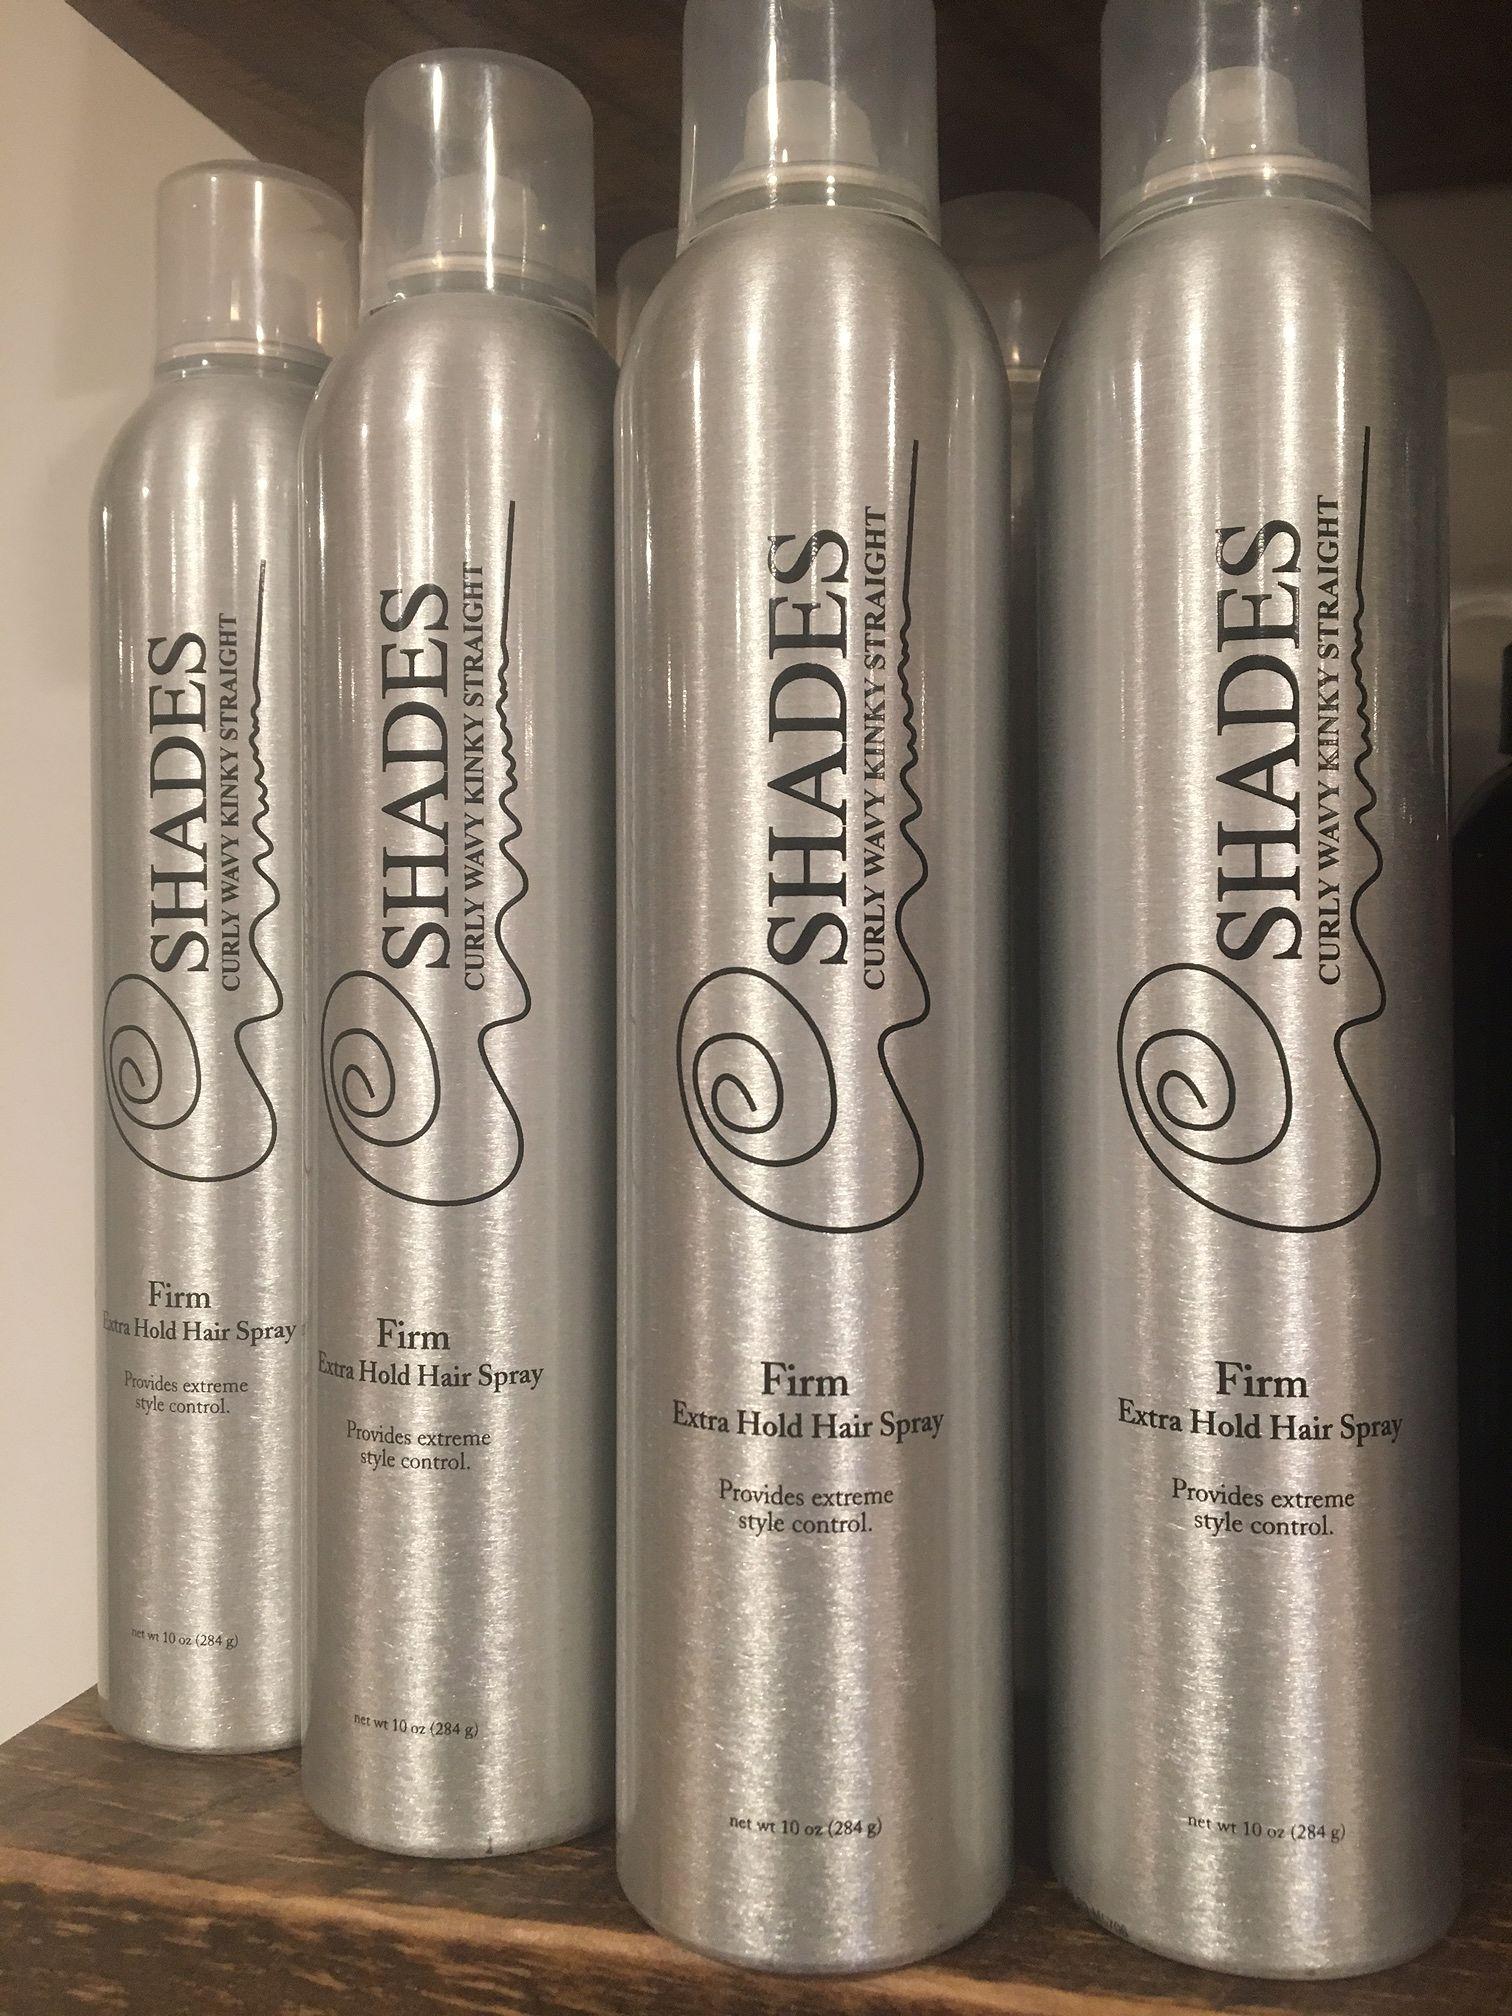 Firm Hair Spray